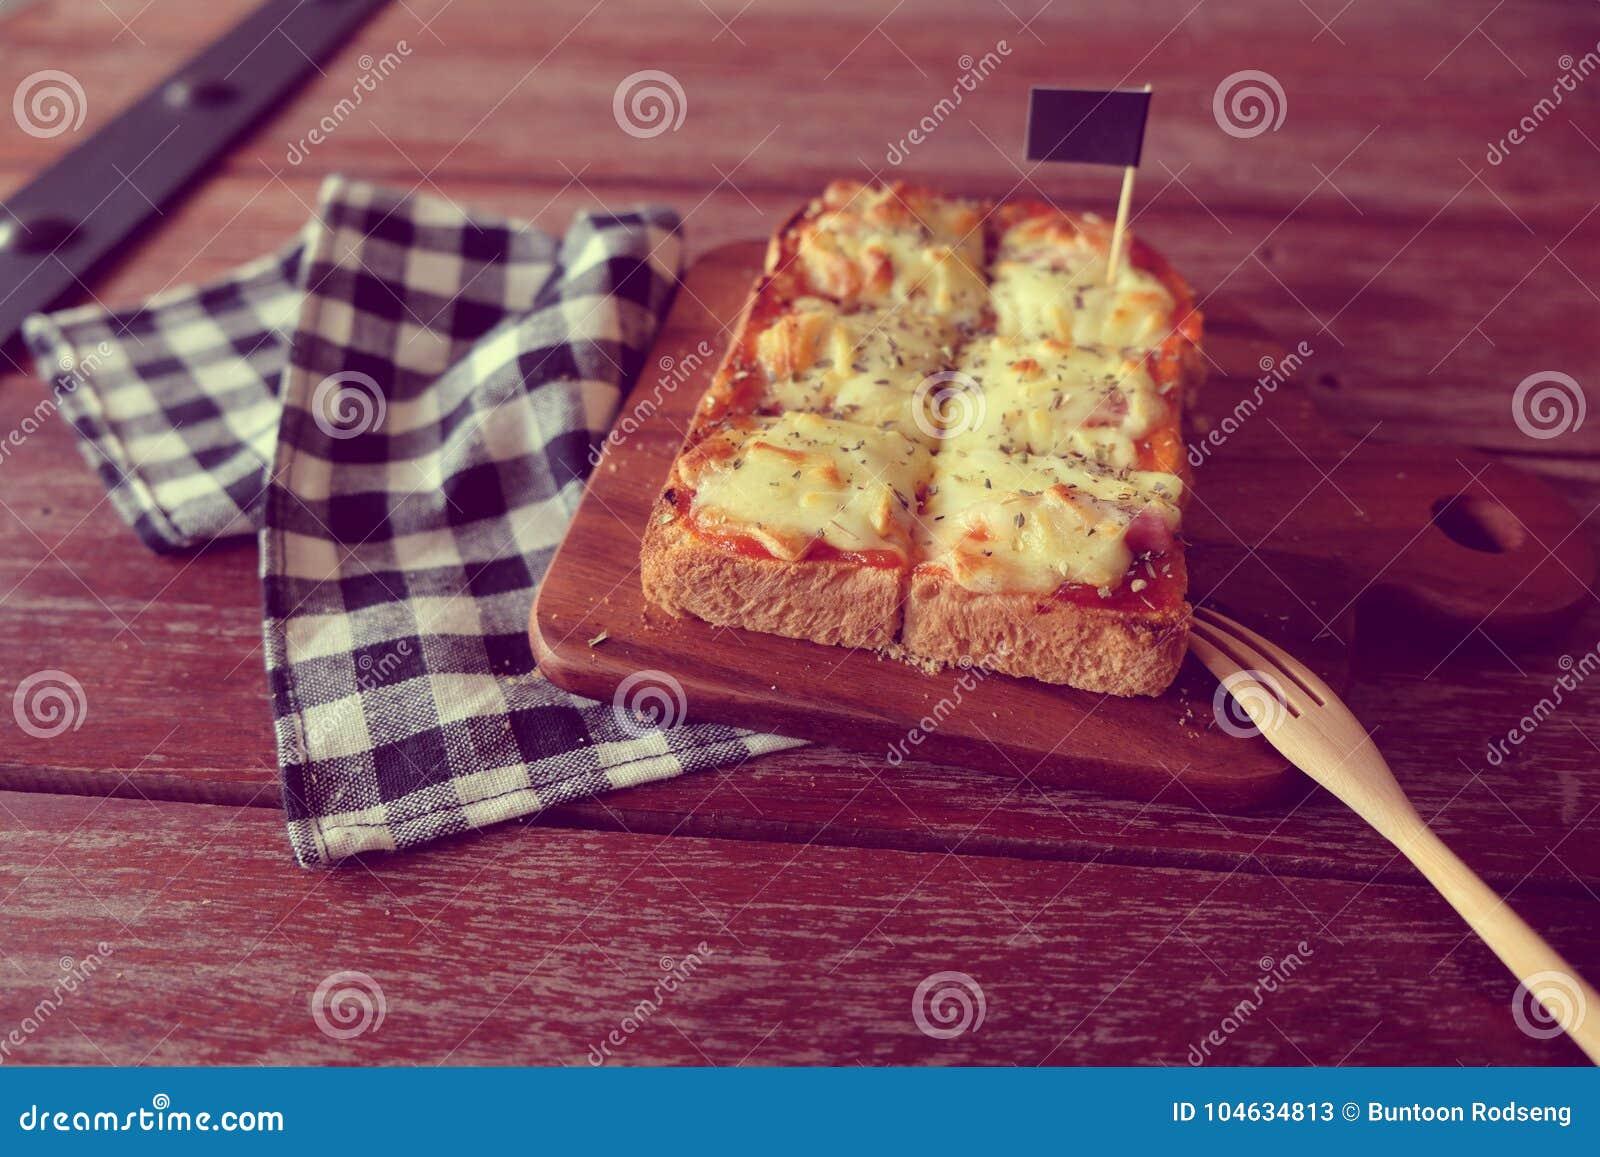 Download Pizza Geroosterd Brood Met Tomatensaus En Hamkaas Stock Afbeelding - Afbeelding bestaande uit rood, vers: 104634813